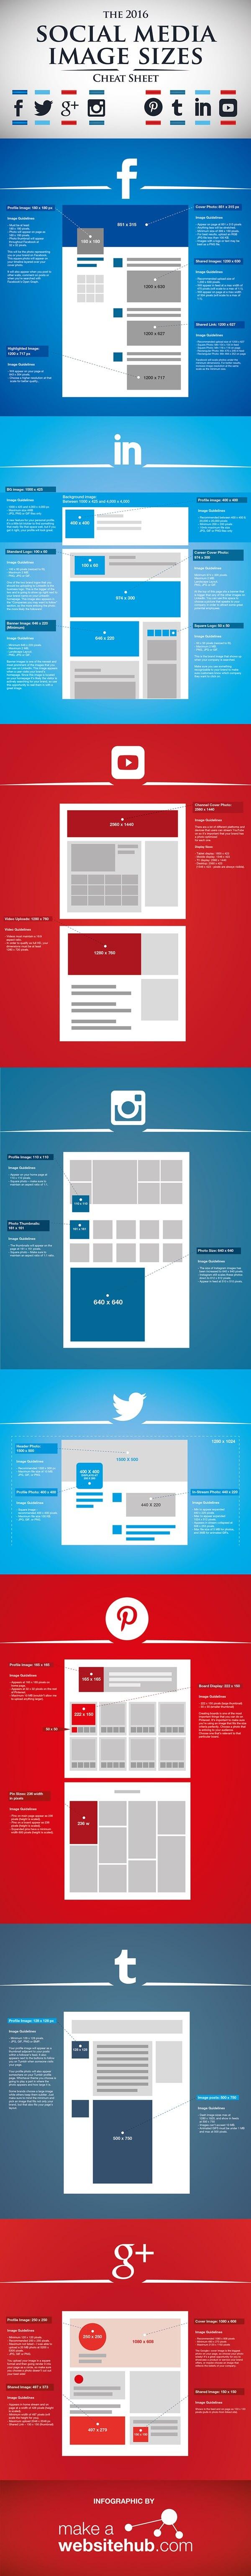 Sosyal medya sitelerinin imaj ölçüleri